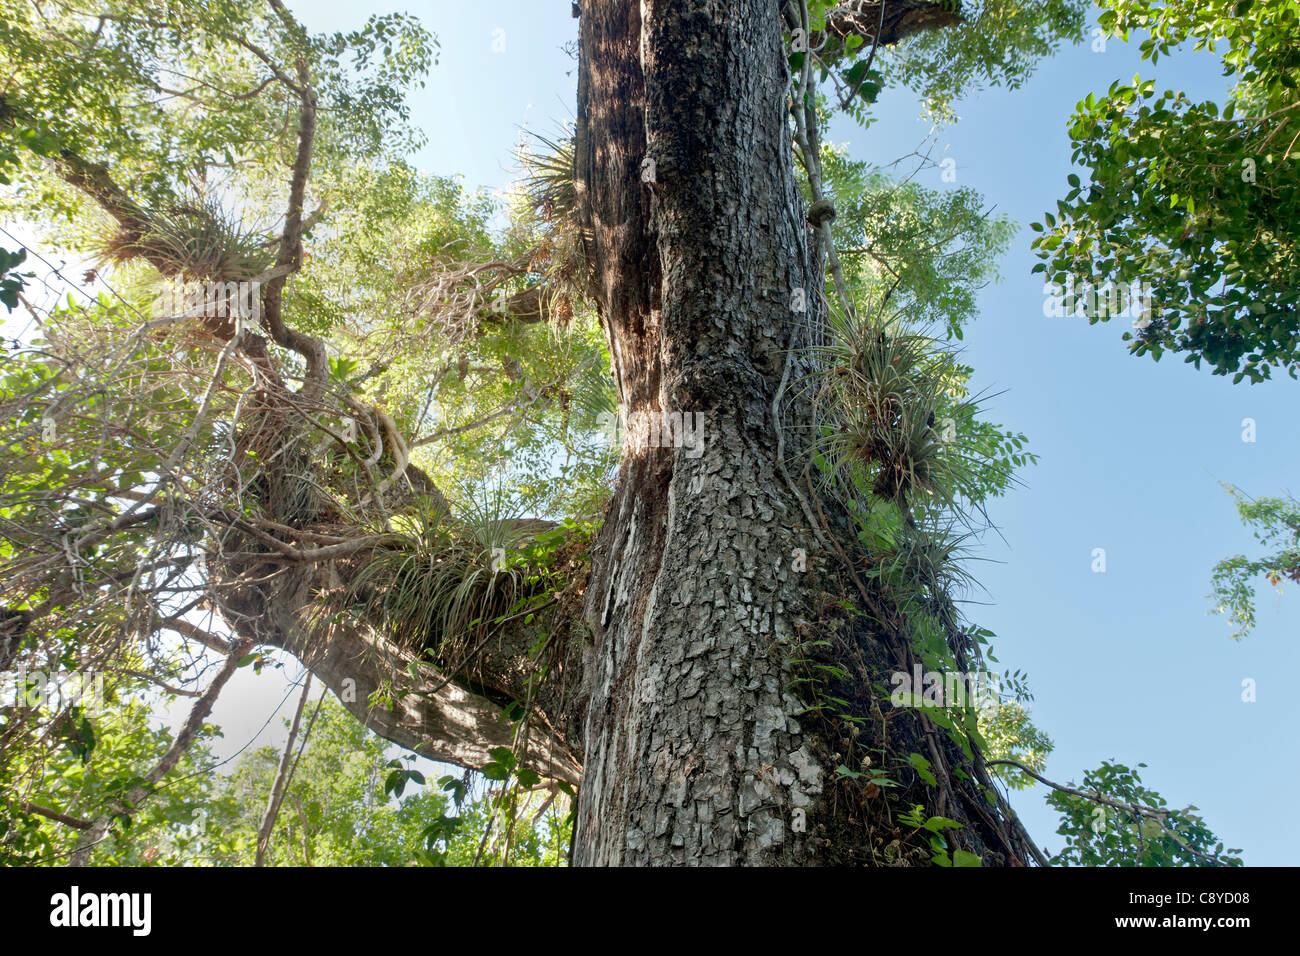 Mahagonibaum  Mahagoni-Baum, Luft Pflanzen Stockfoto, Bild: 39940888 - Alamy